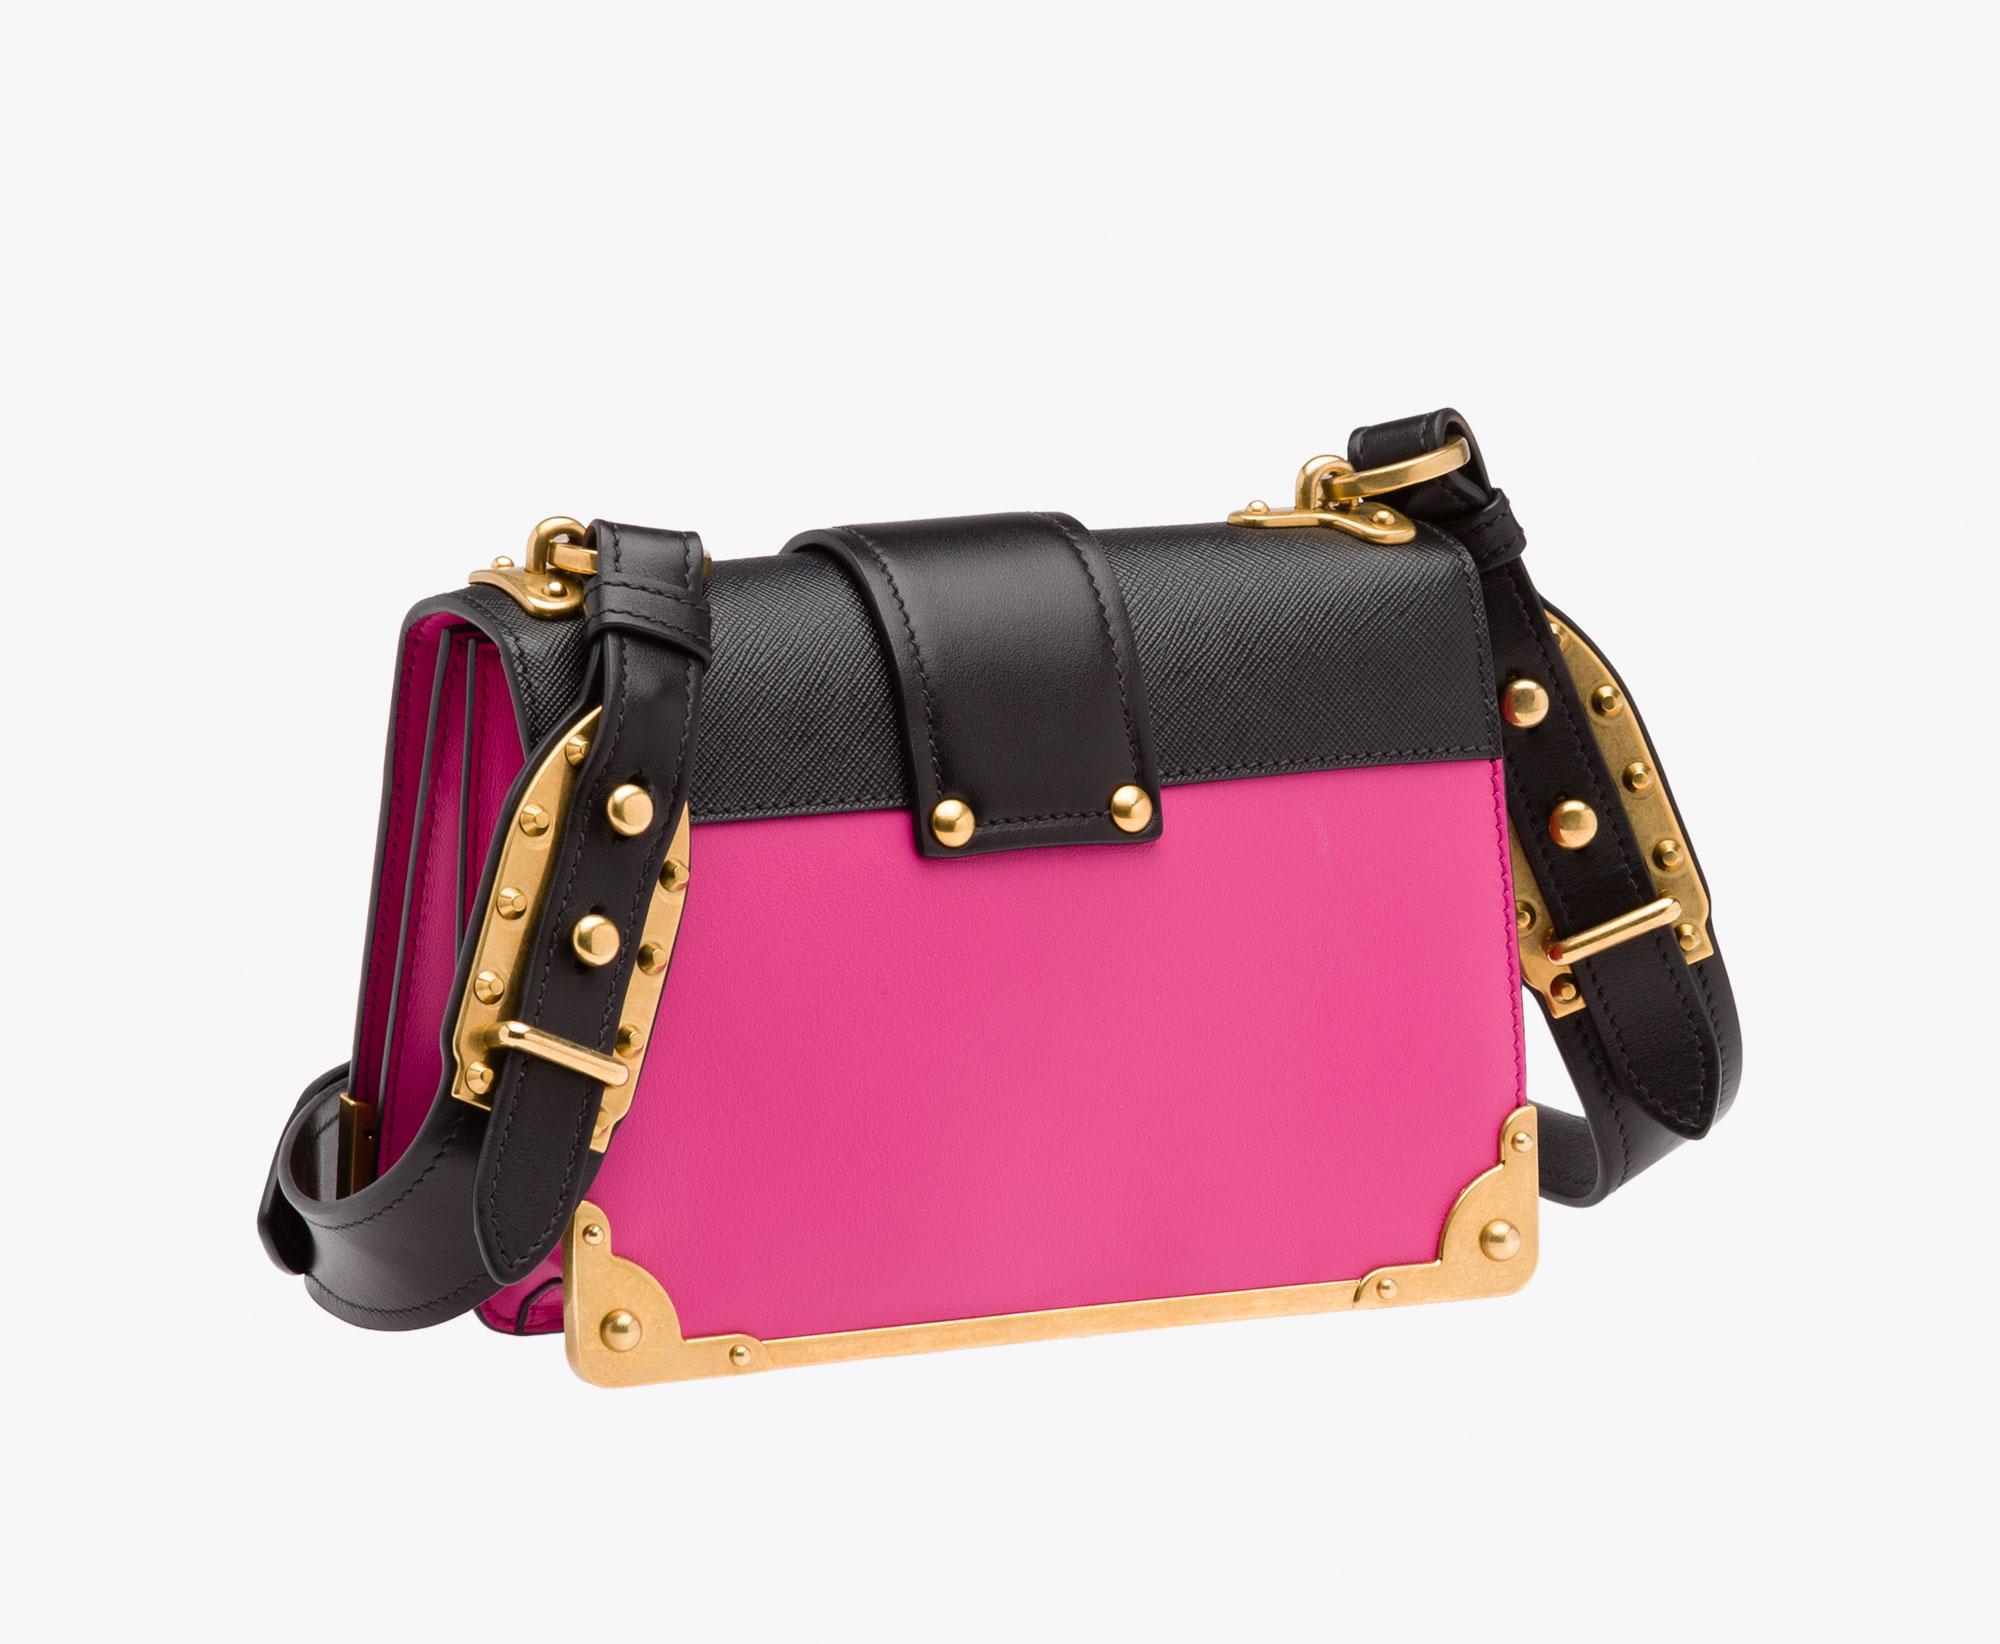 de8395d9192b ... Prada Cahier leather bag Prada FUCHSIA BLACK ...